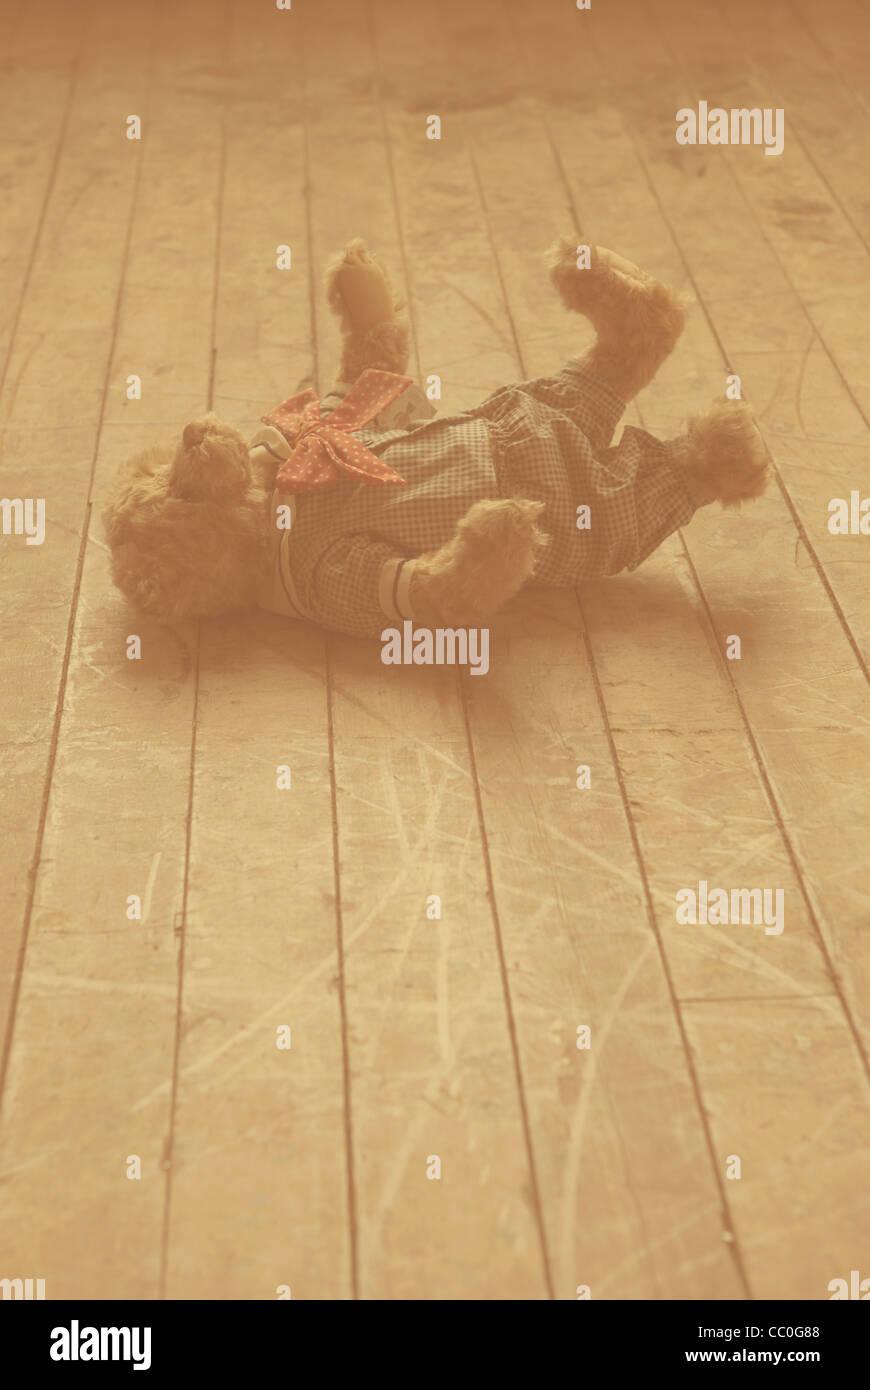 Teddy Bear abandonadas no chão Imagens de Stock